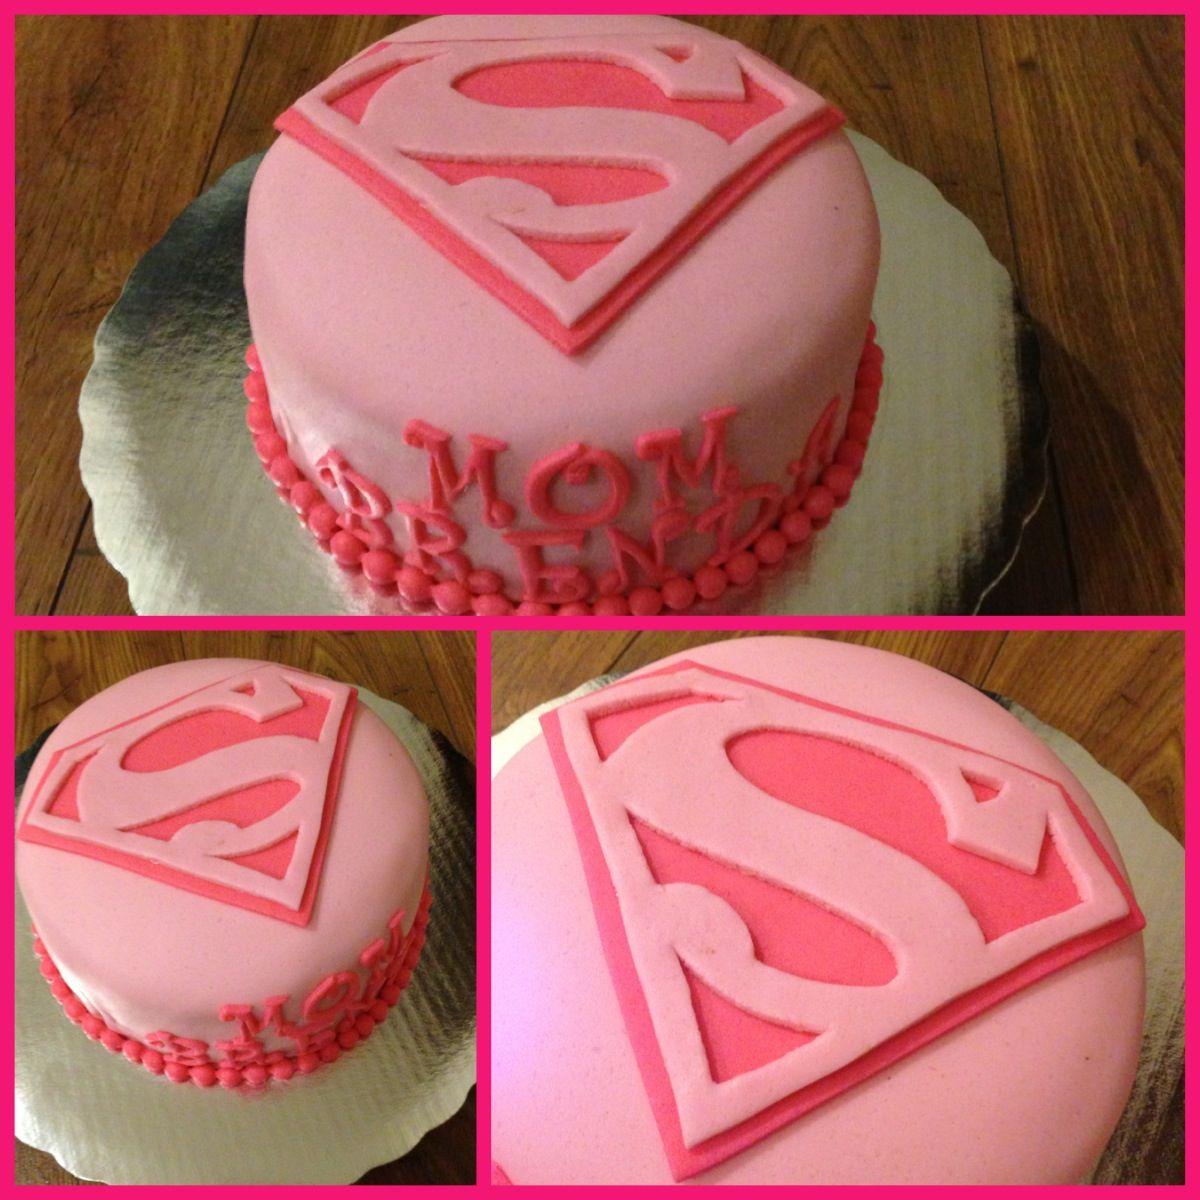 Supermom cake!!!